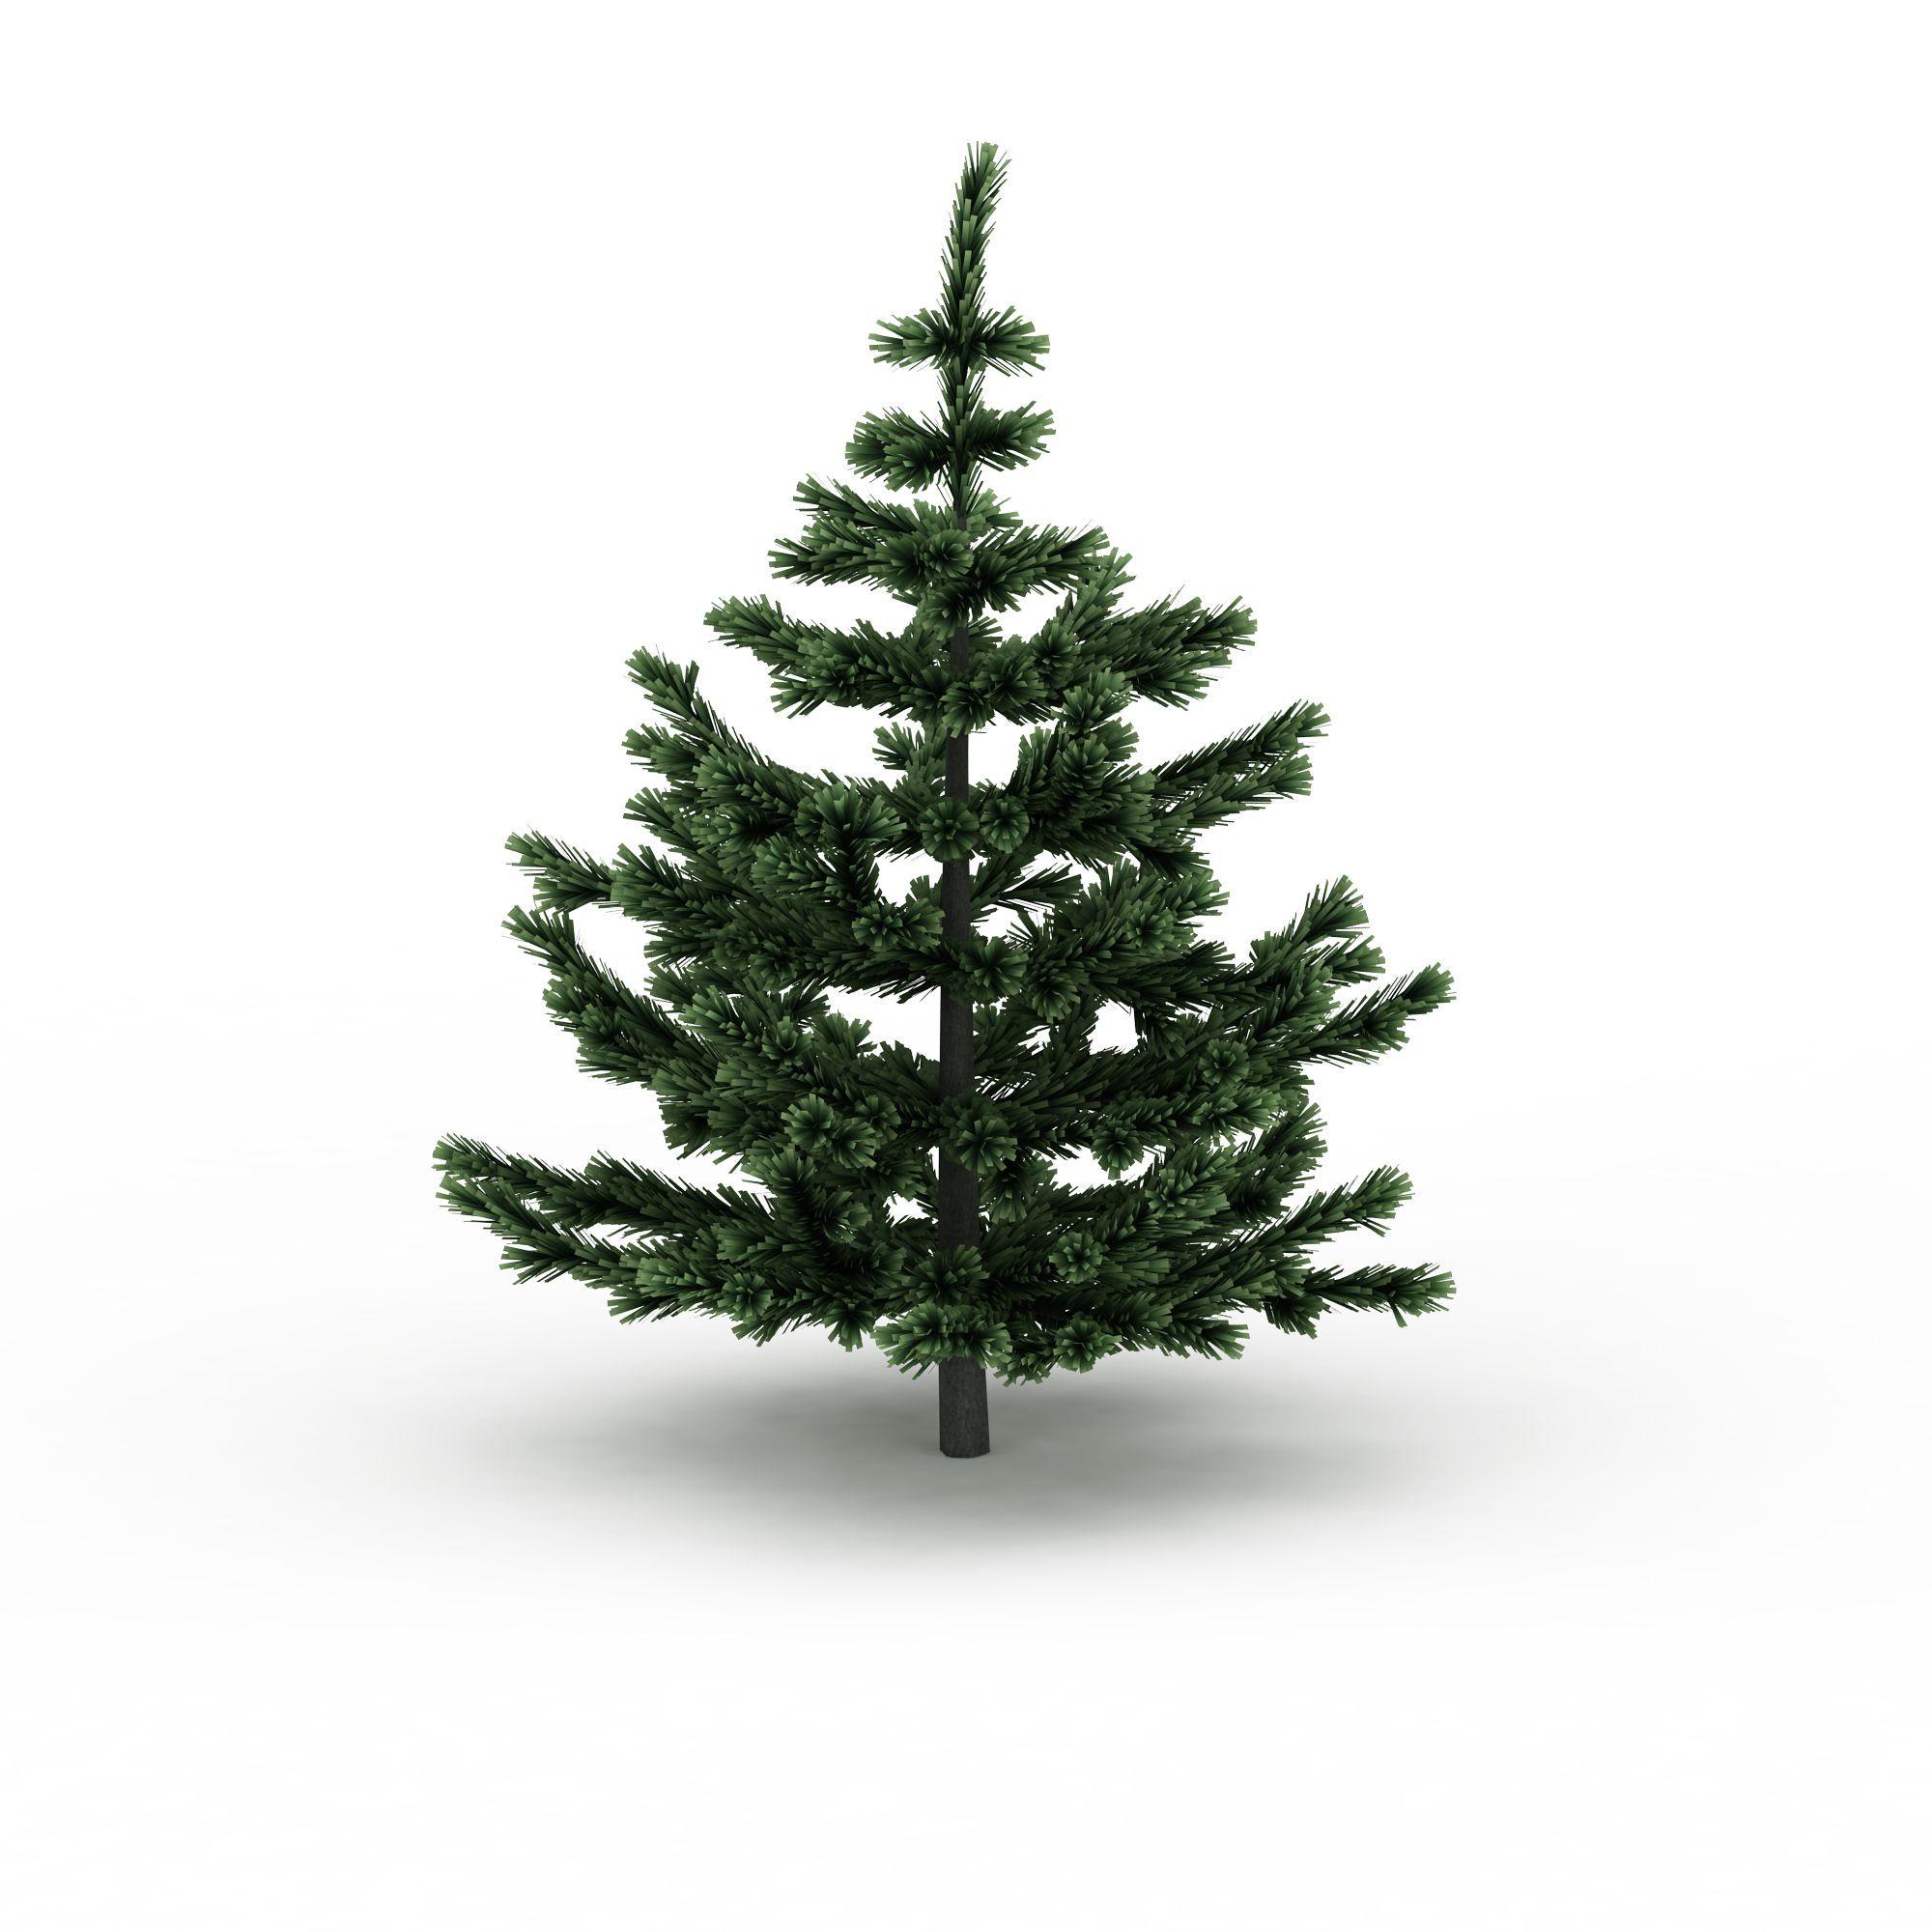 关键词:校园松树3d模型松树3d模型景观树3d模型 相关图片素材下载